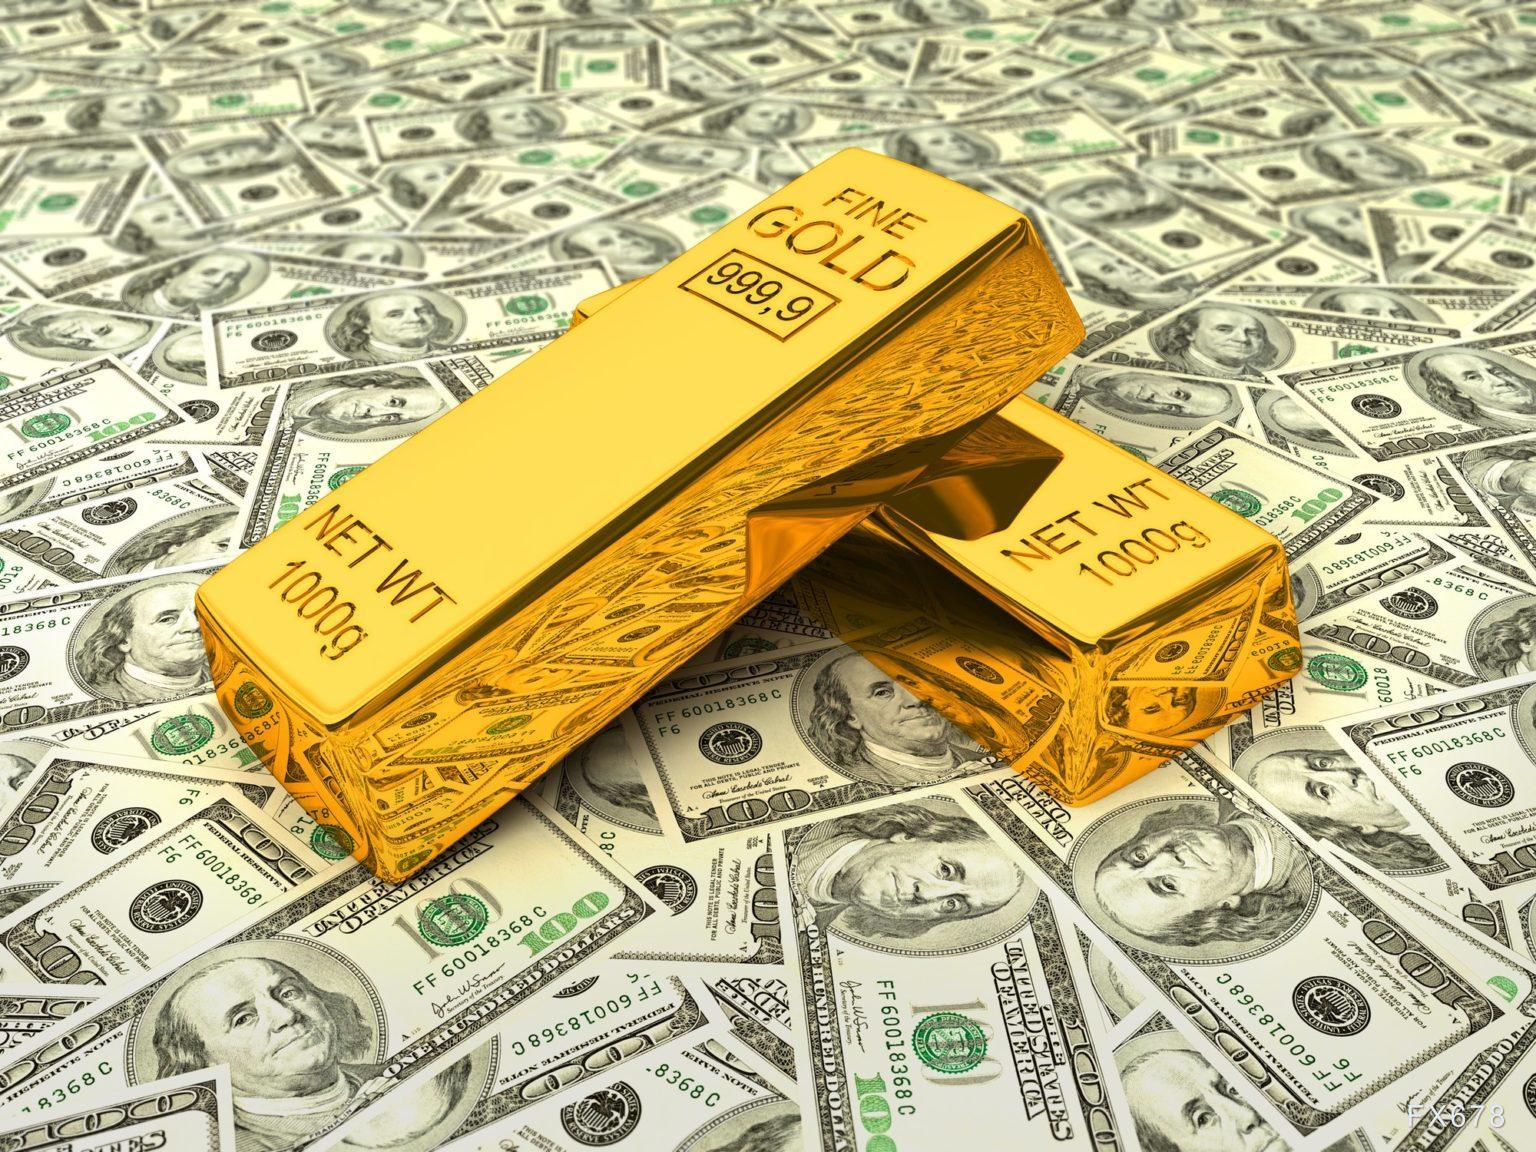 黄金交易提醒:美联储维持超宽松政策 金价有望延续涨势,外汇交易开户